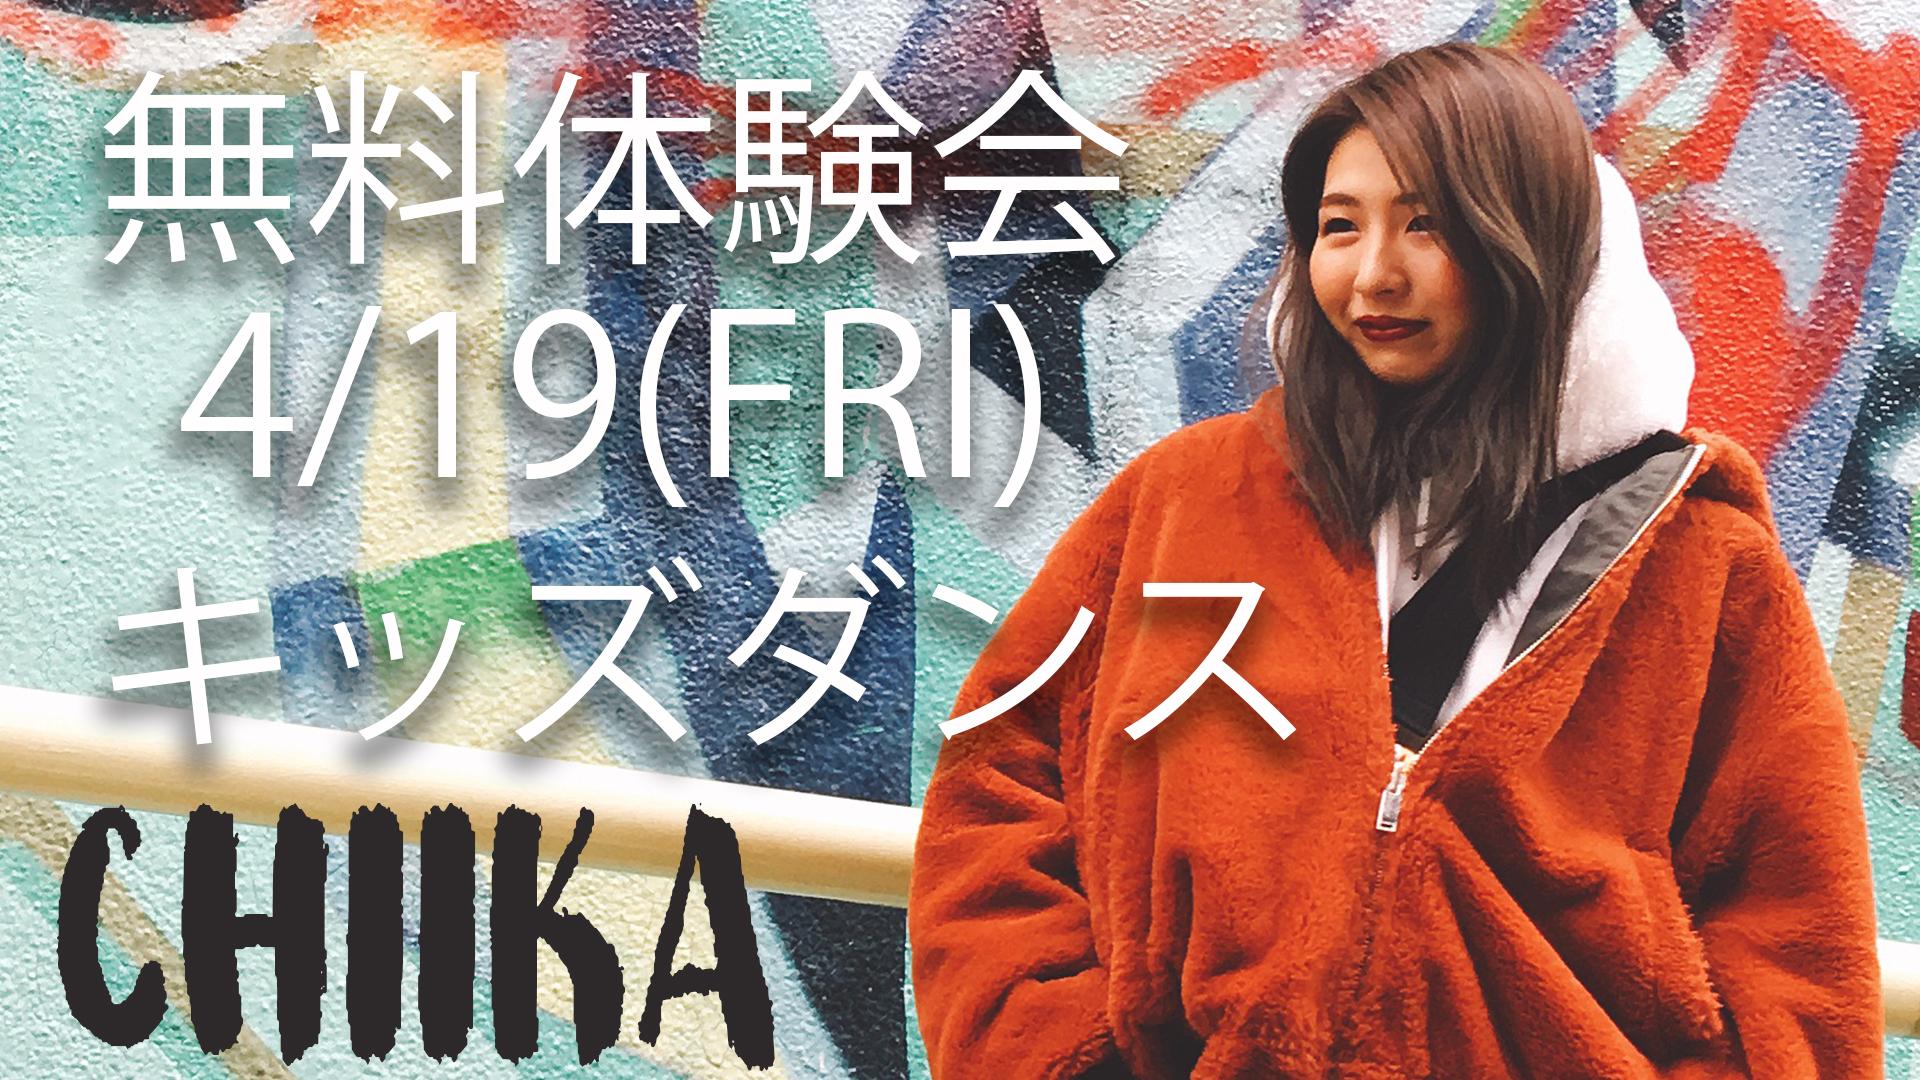 福岡でキッズダンスを習うならドットカラーがオススメ!お子様の健やかな成長を応援したい!